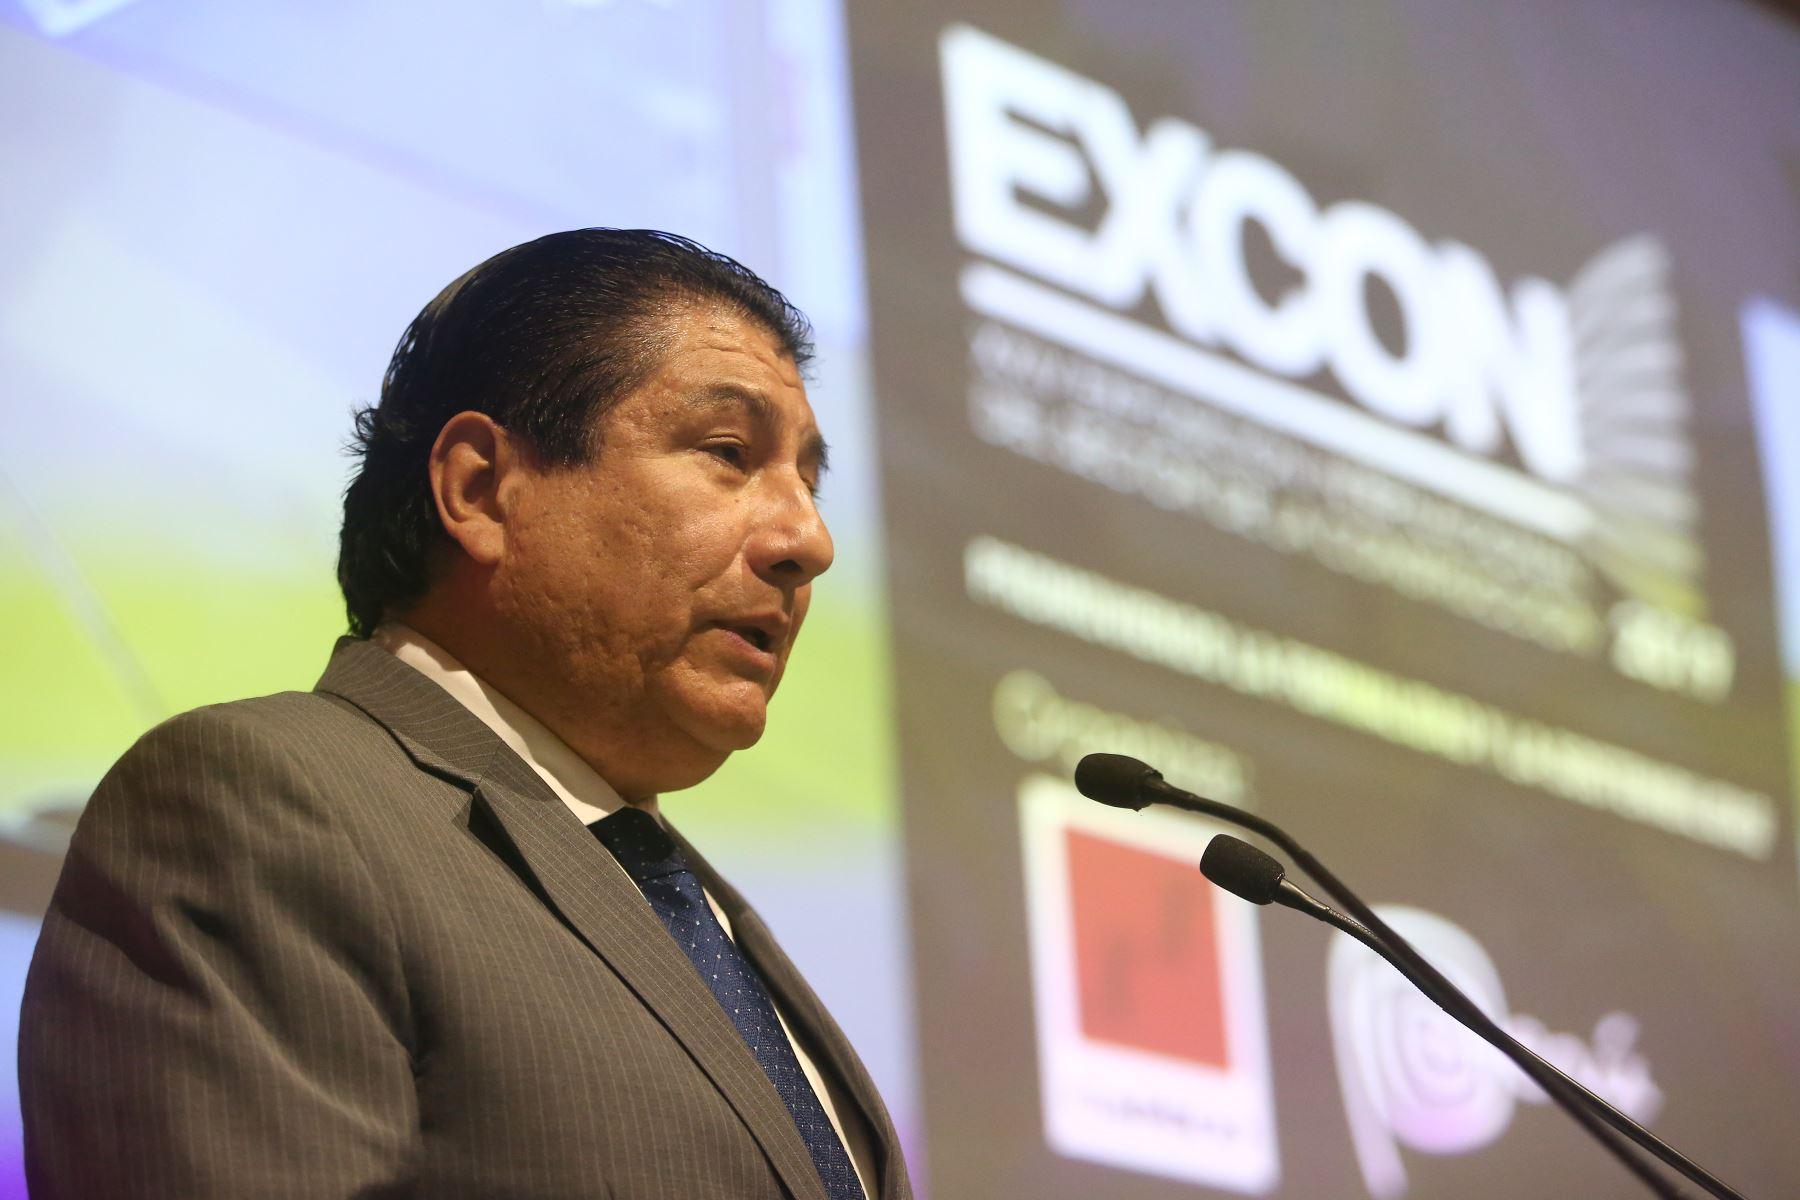 Ministro de Vivienda, Construcción y Saneamiento, Rodolfo Yáñez. Foto: ANDINA/Héctor Vinces.